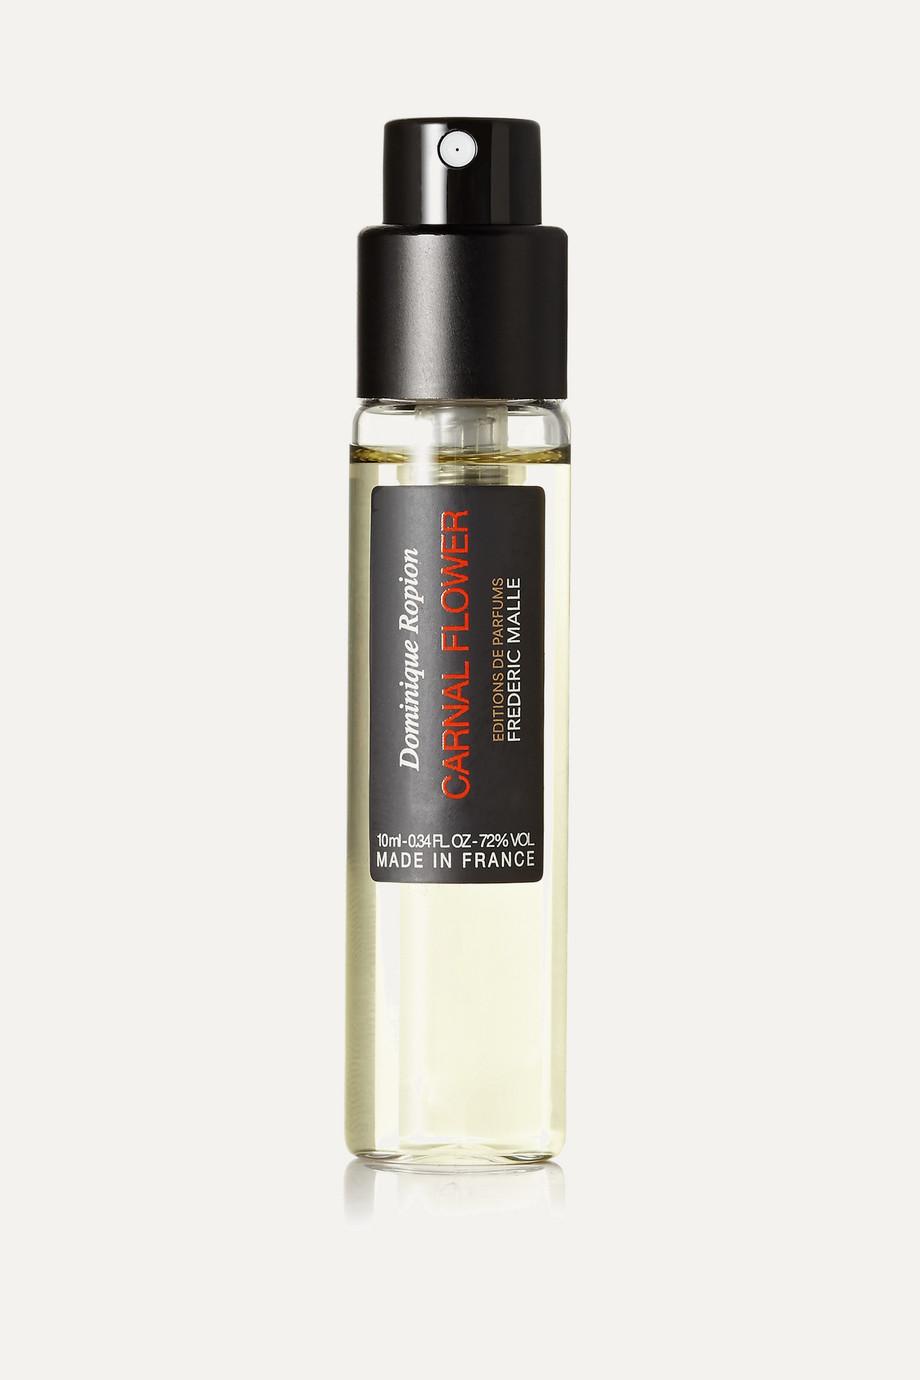 Frederic Malle Carnal Flower – Grüne Noten & Tuberose Absolue, 10 ml – Eau de Parfum